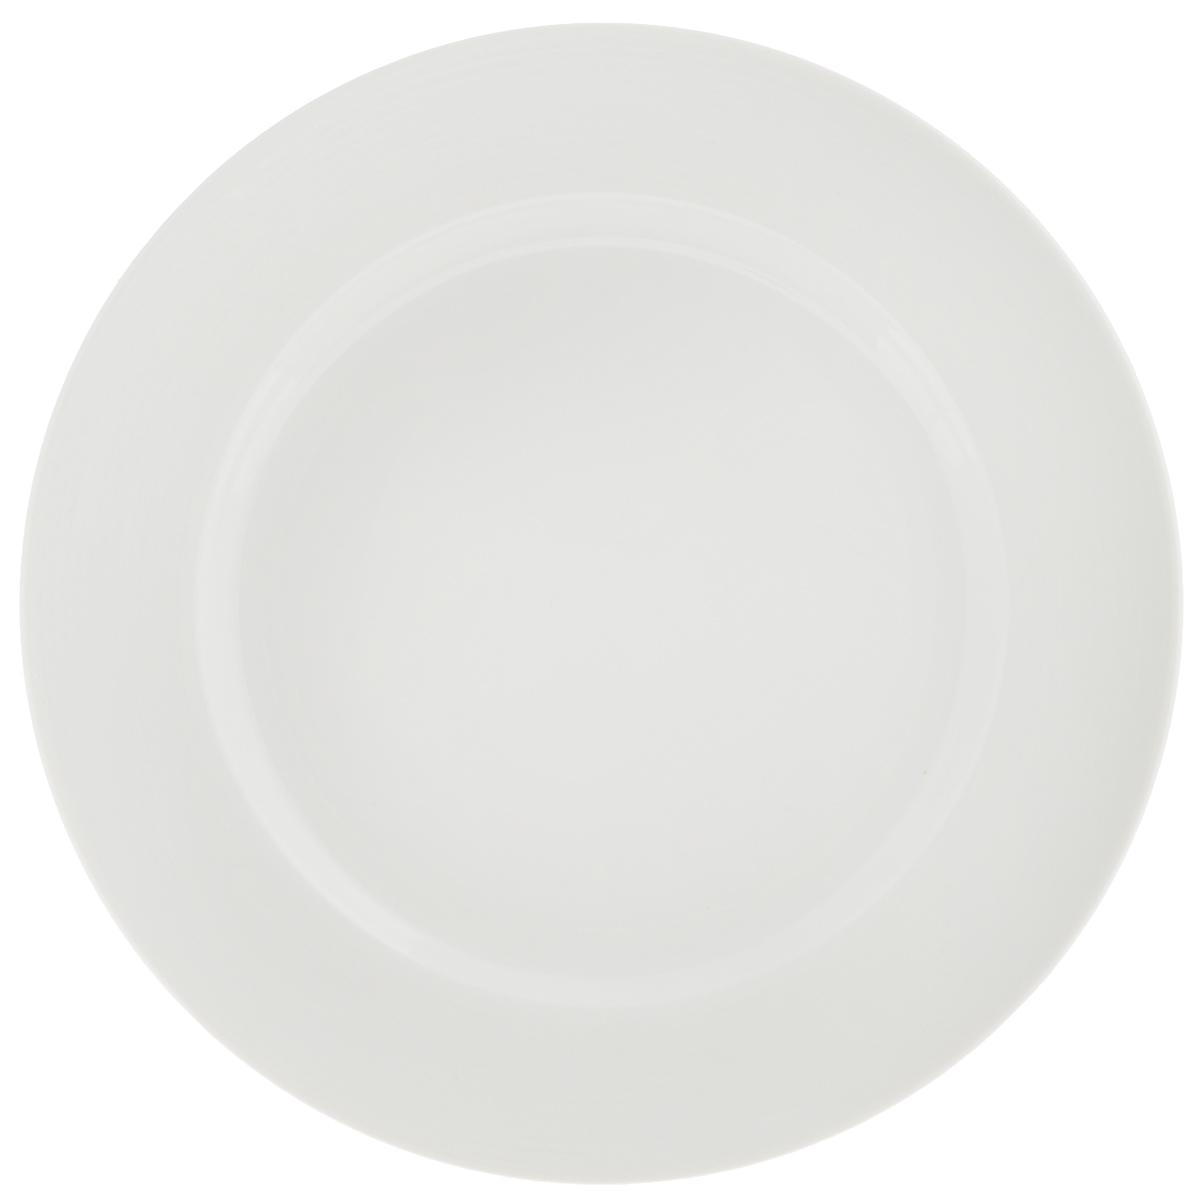 Тарелка десертная Tescoma Opus Stripes, диаметр 20 см115510Десертная тарелка Tescoma Opus Stripes изготовлена из фарфора. Изделие оформлено рельефным рисунком и имеет изысканный внешний вид. Такая тарелка прекрасно подходит как для торжественных случаев, так и для повседневного использования. Идеальна для подачи десертов, пирожных, тортов и многого другого. Она прекрасно оформит стол и станет отличным дополнением к вашей коллекции кухонной посуды. Пригодна для использования в микроволновой печи. Можно мыть в посудомоечной машине.Диаметр тарелки (по верхнему краю): 20 см. Высота тарелки: 2,2 см